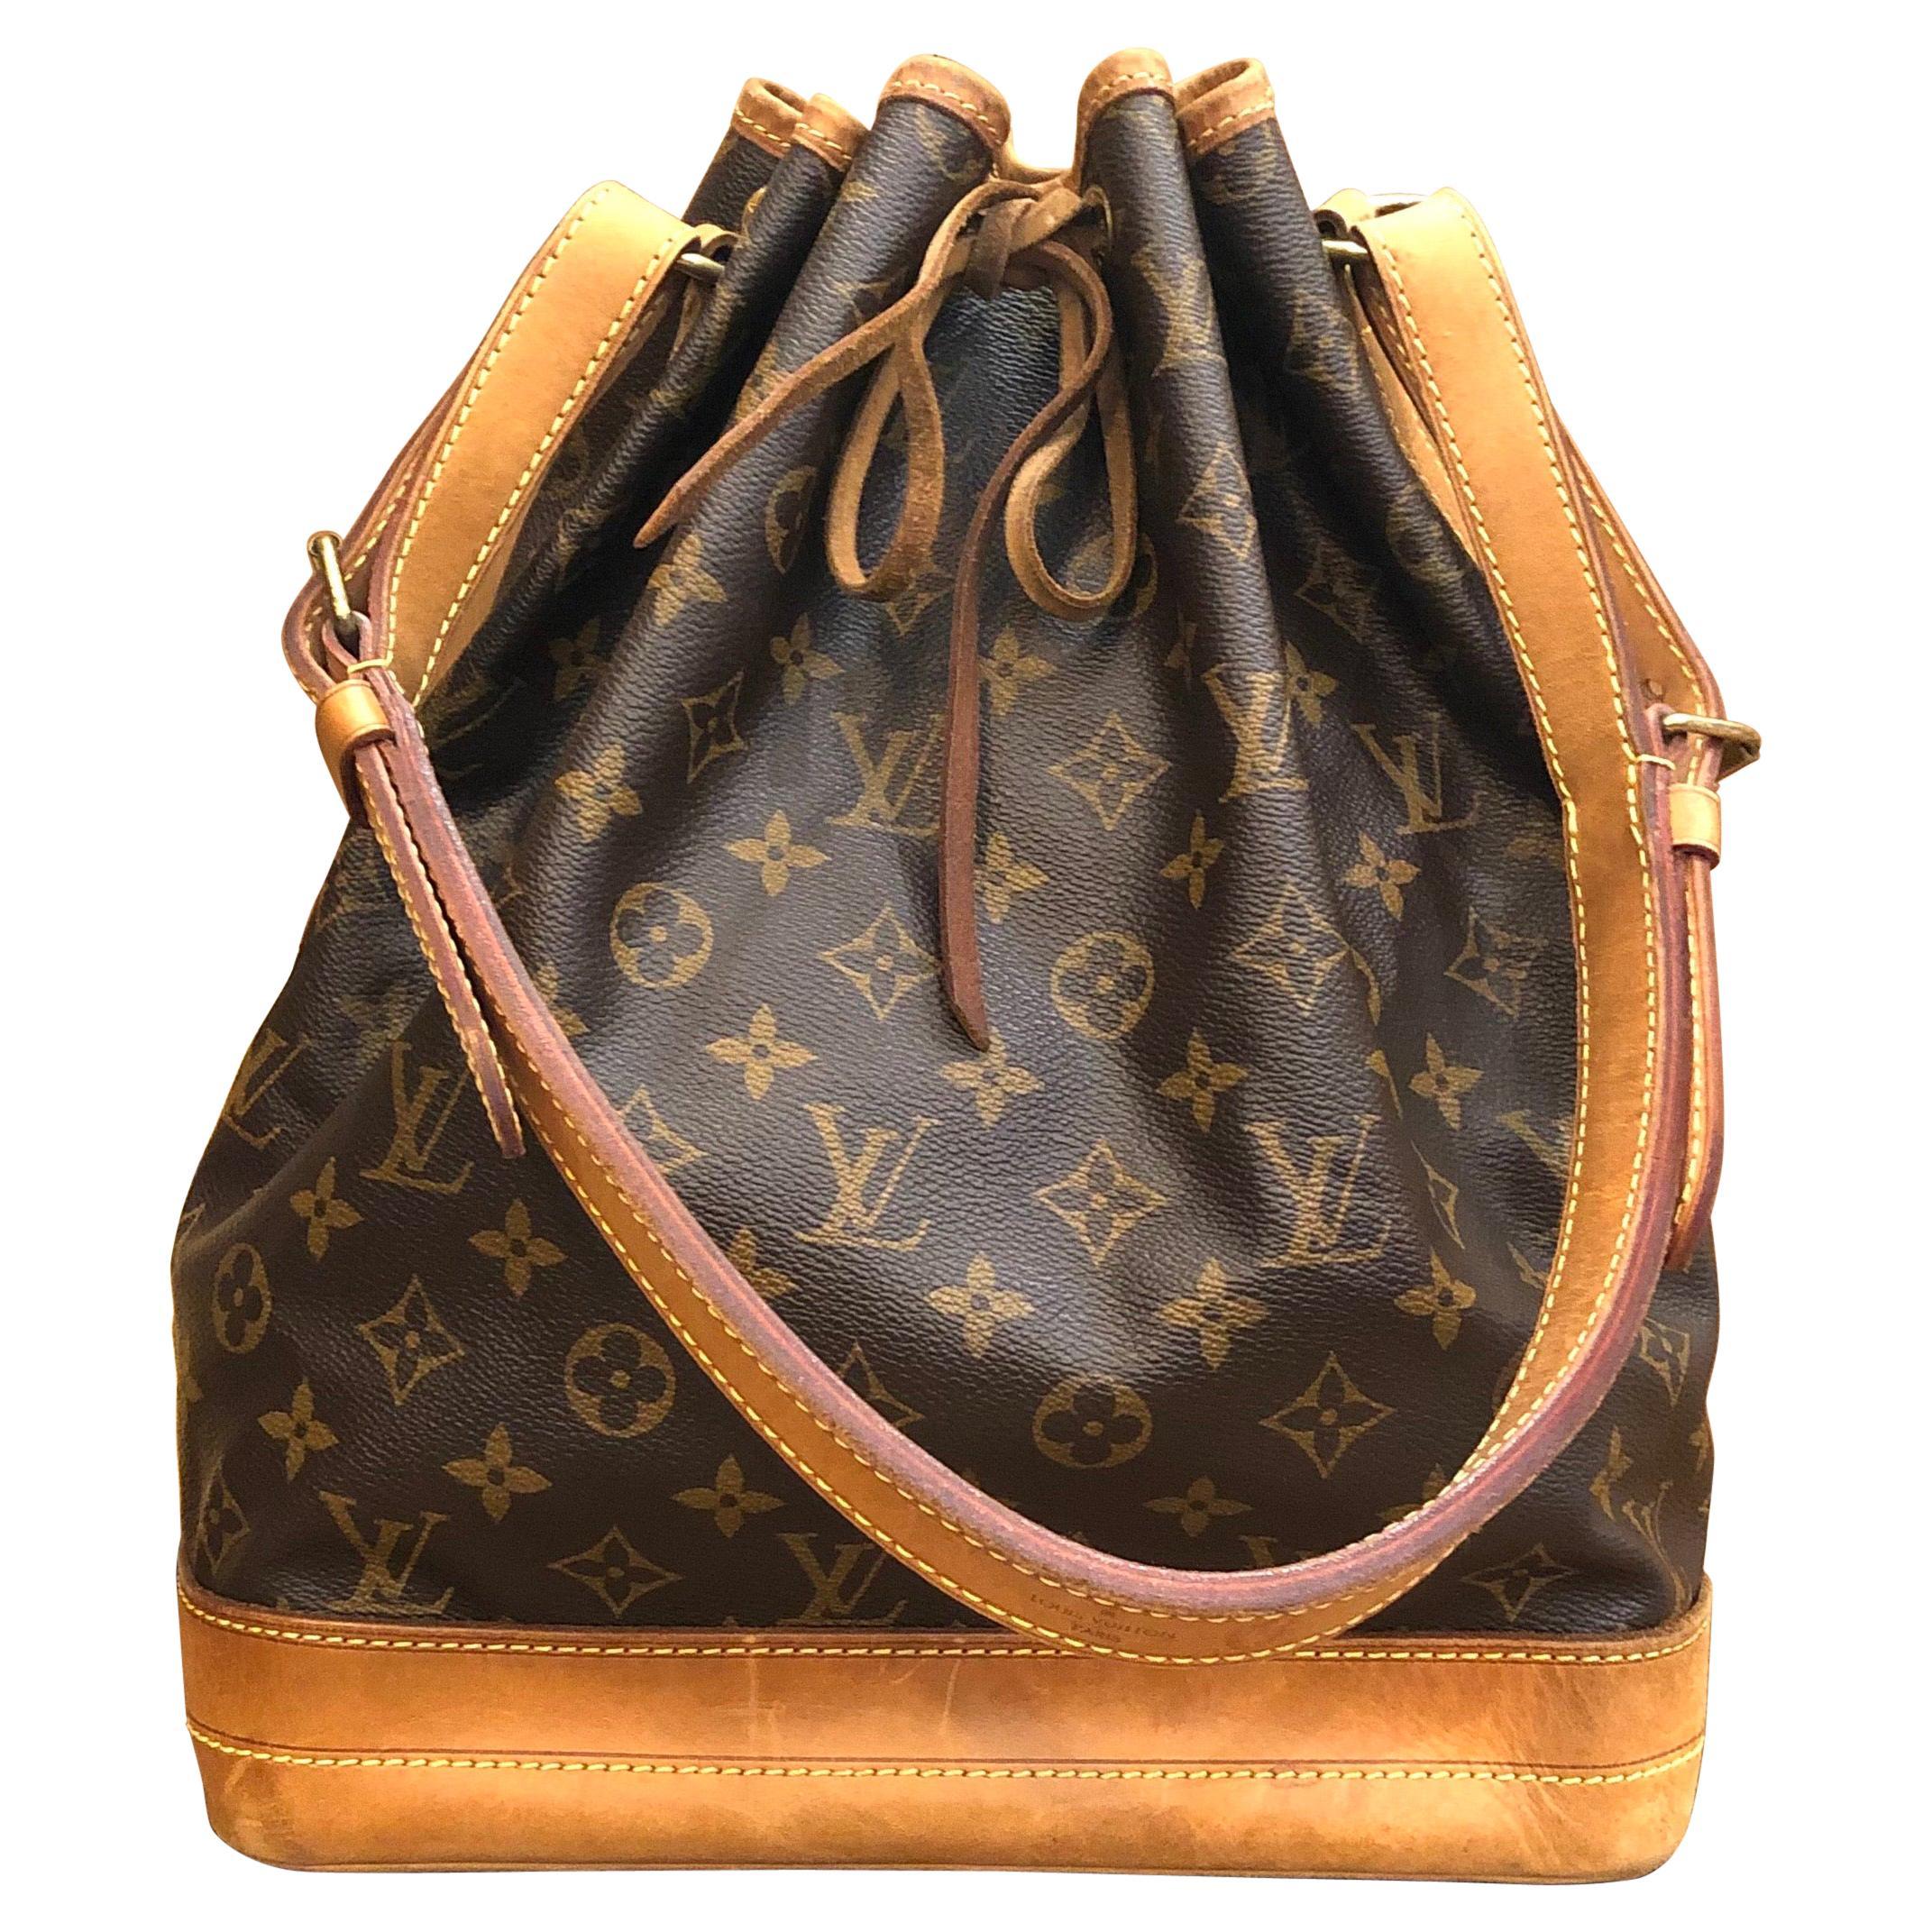 2011 Louis Vuitton Monogram Canvas Noe GM Shoulder Bag